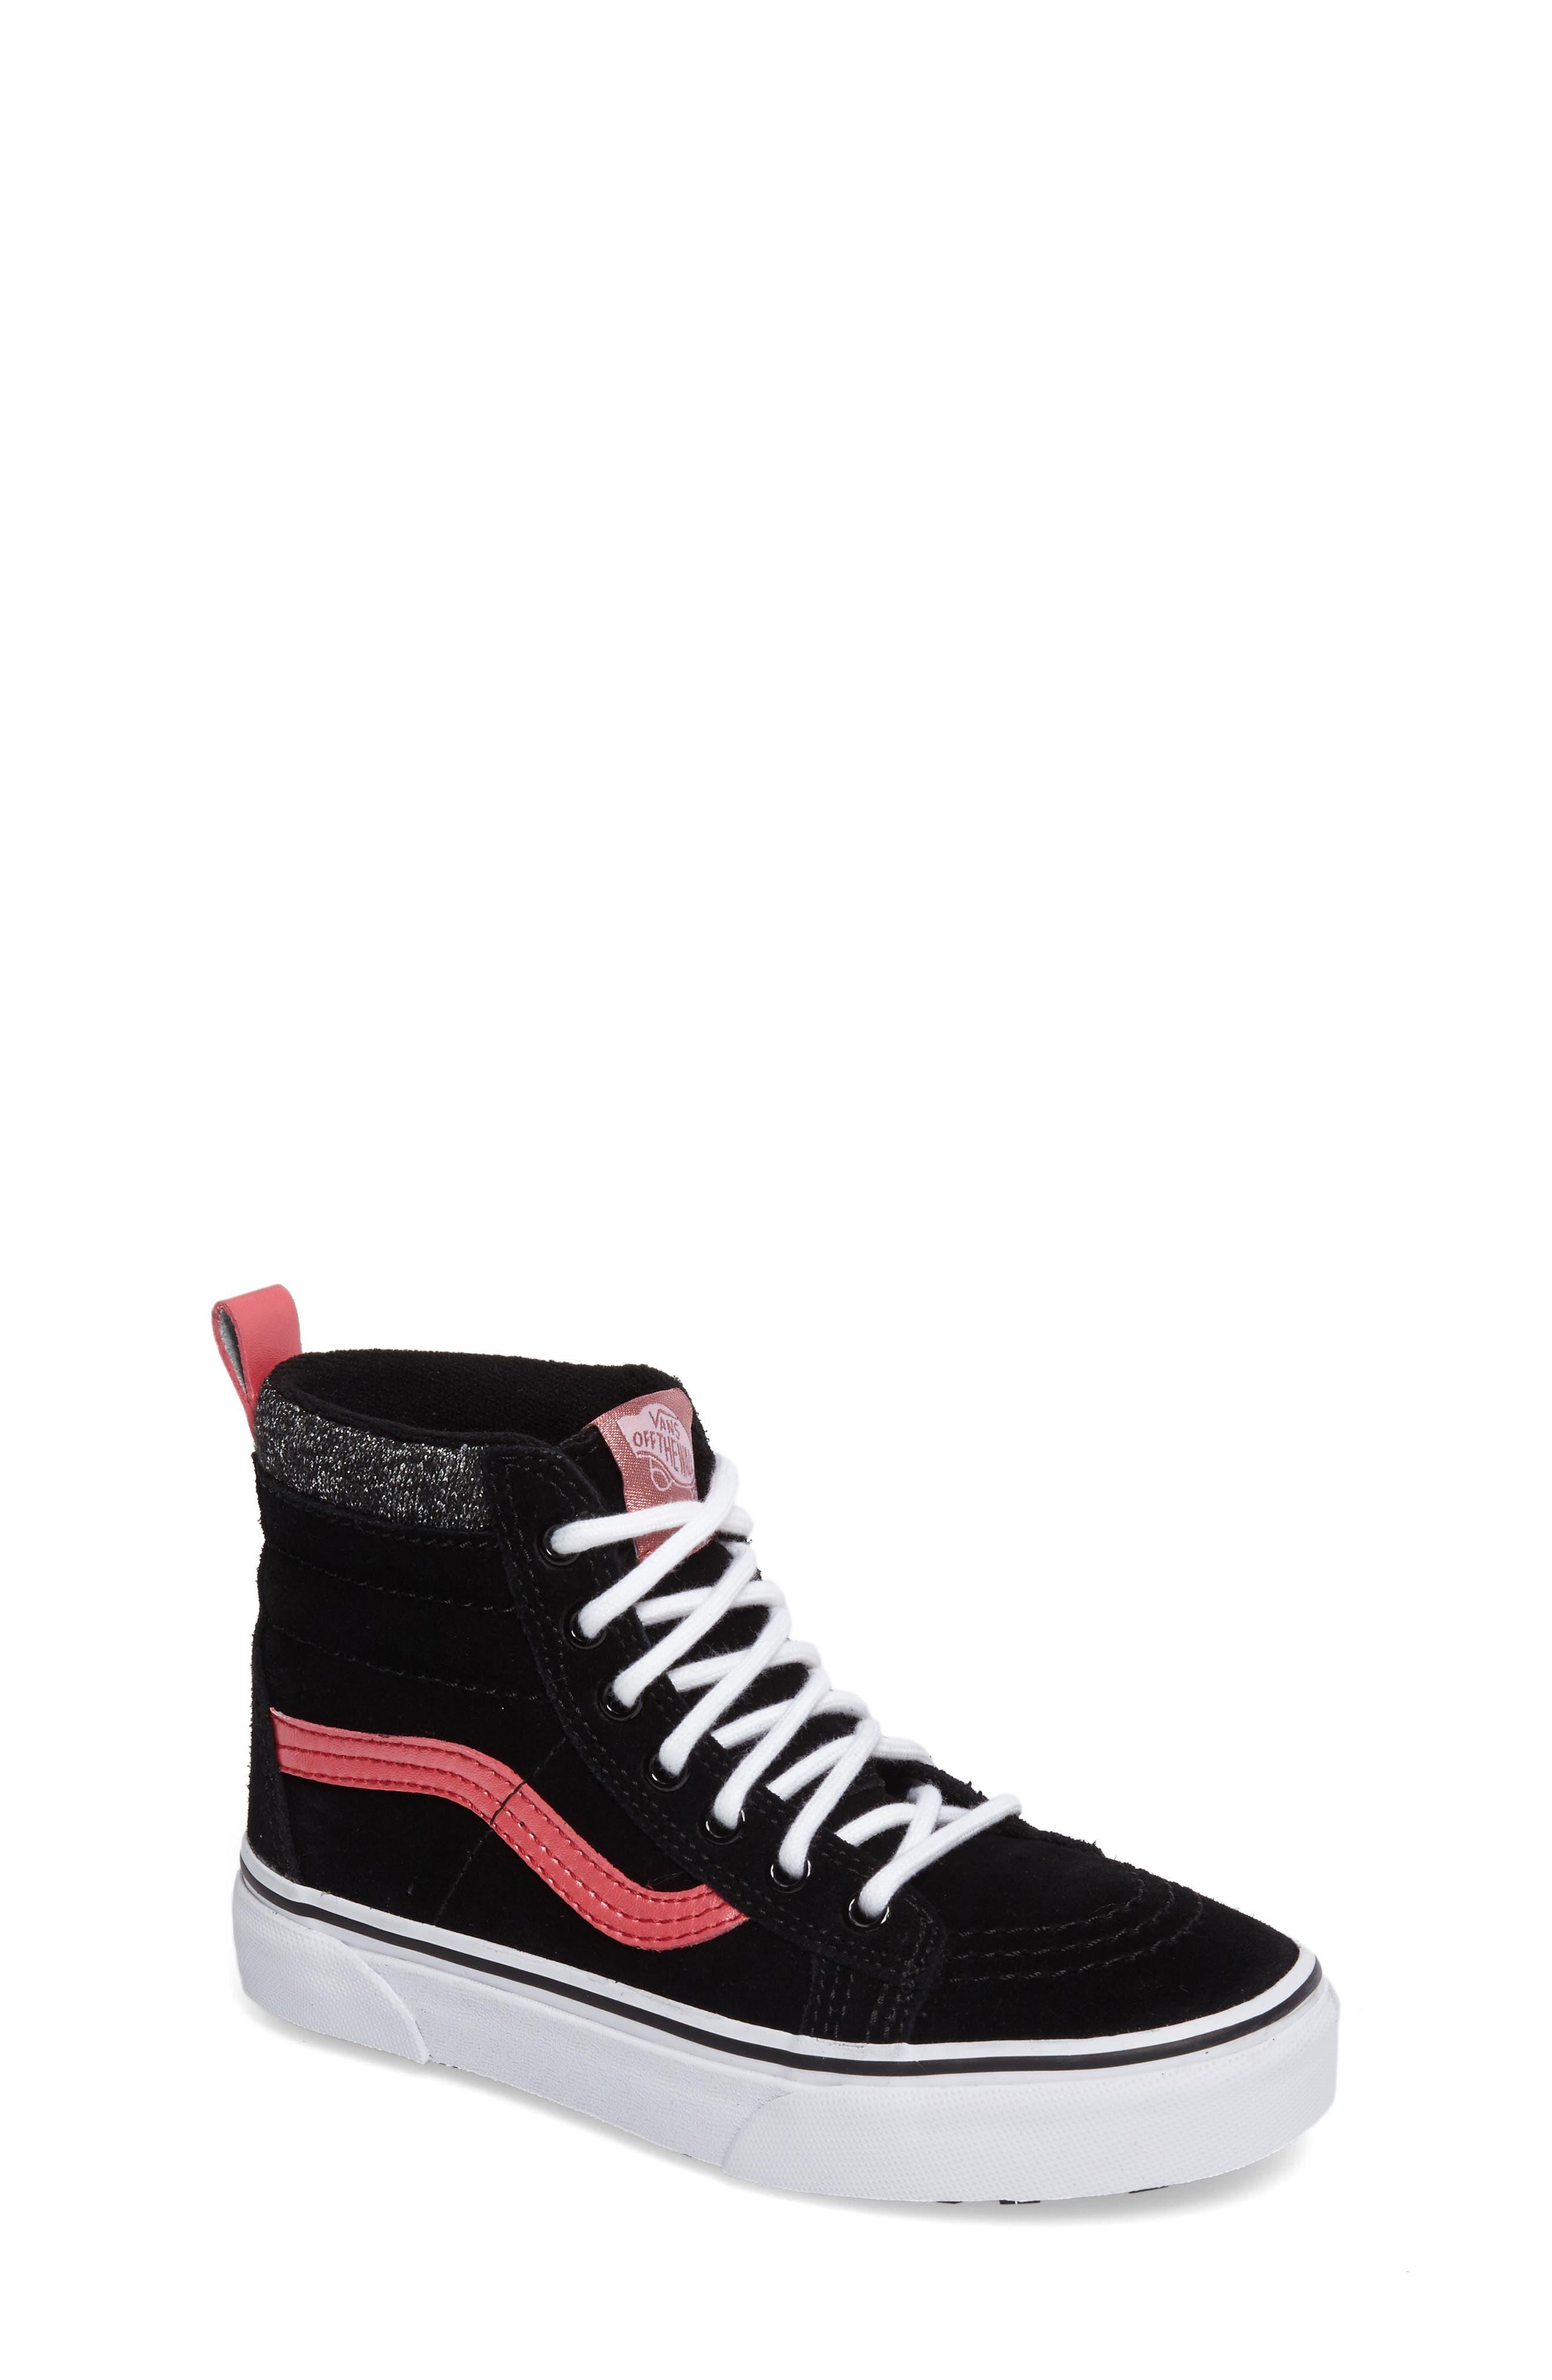 SK8-Hi Sneaker,                             Main thumbnail 1, color,                             001